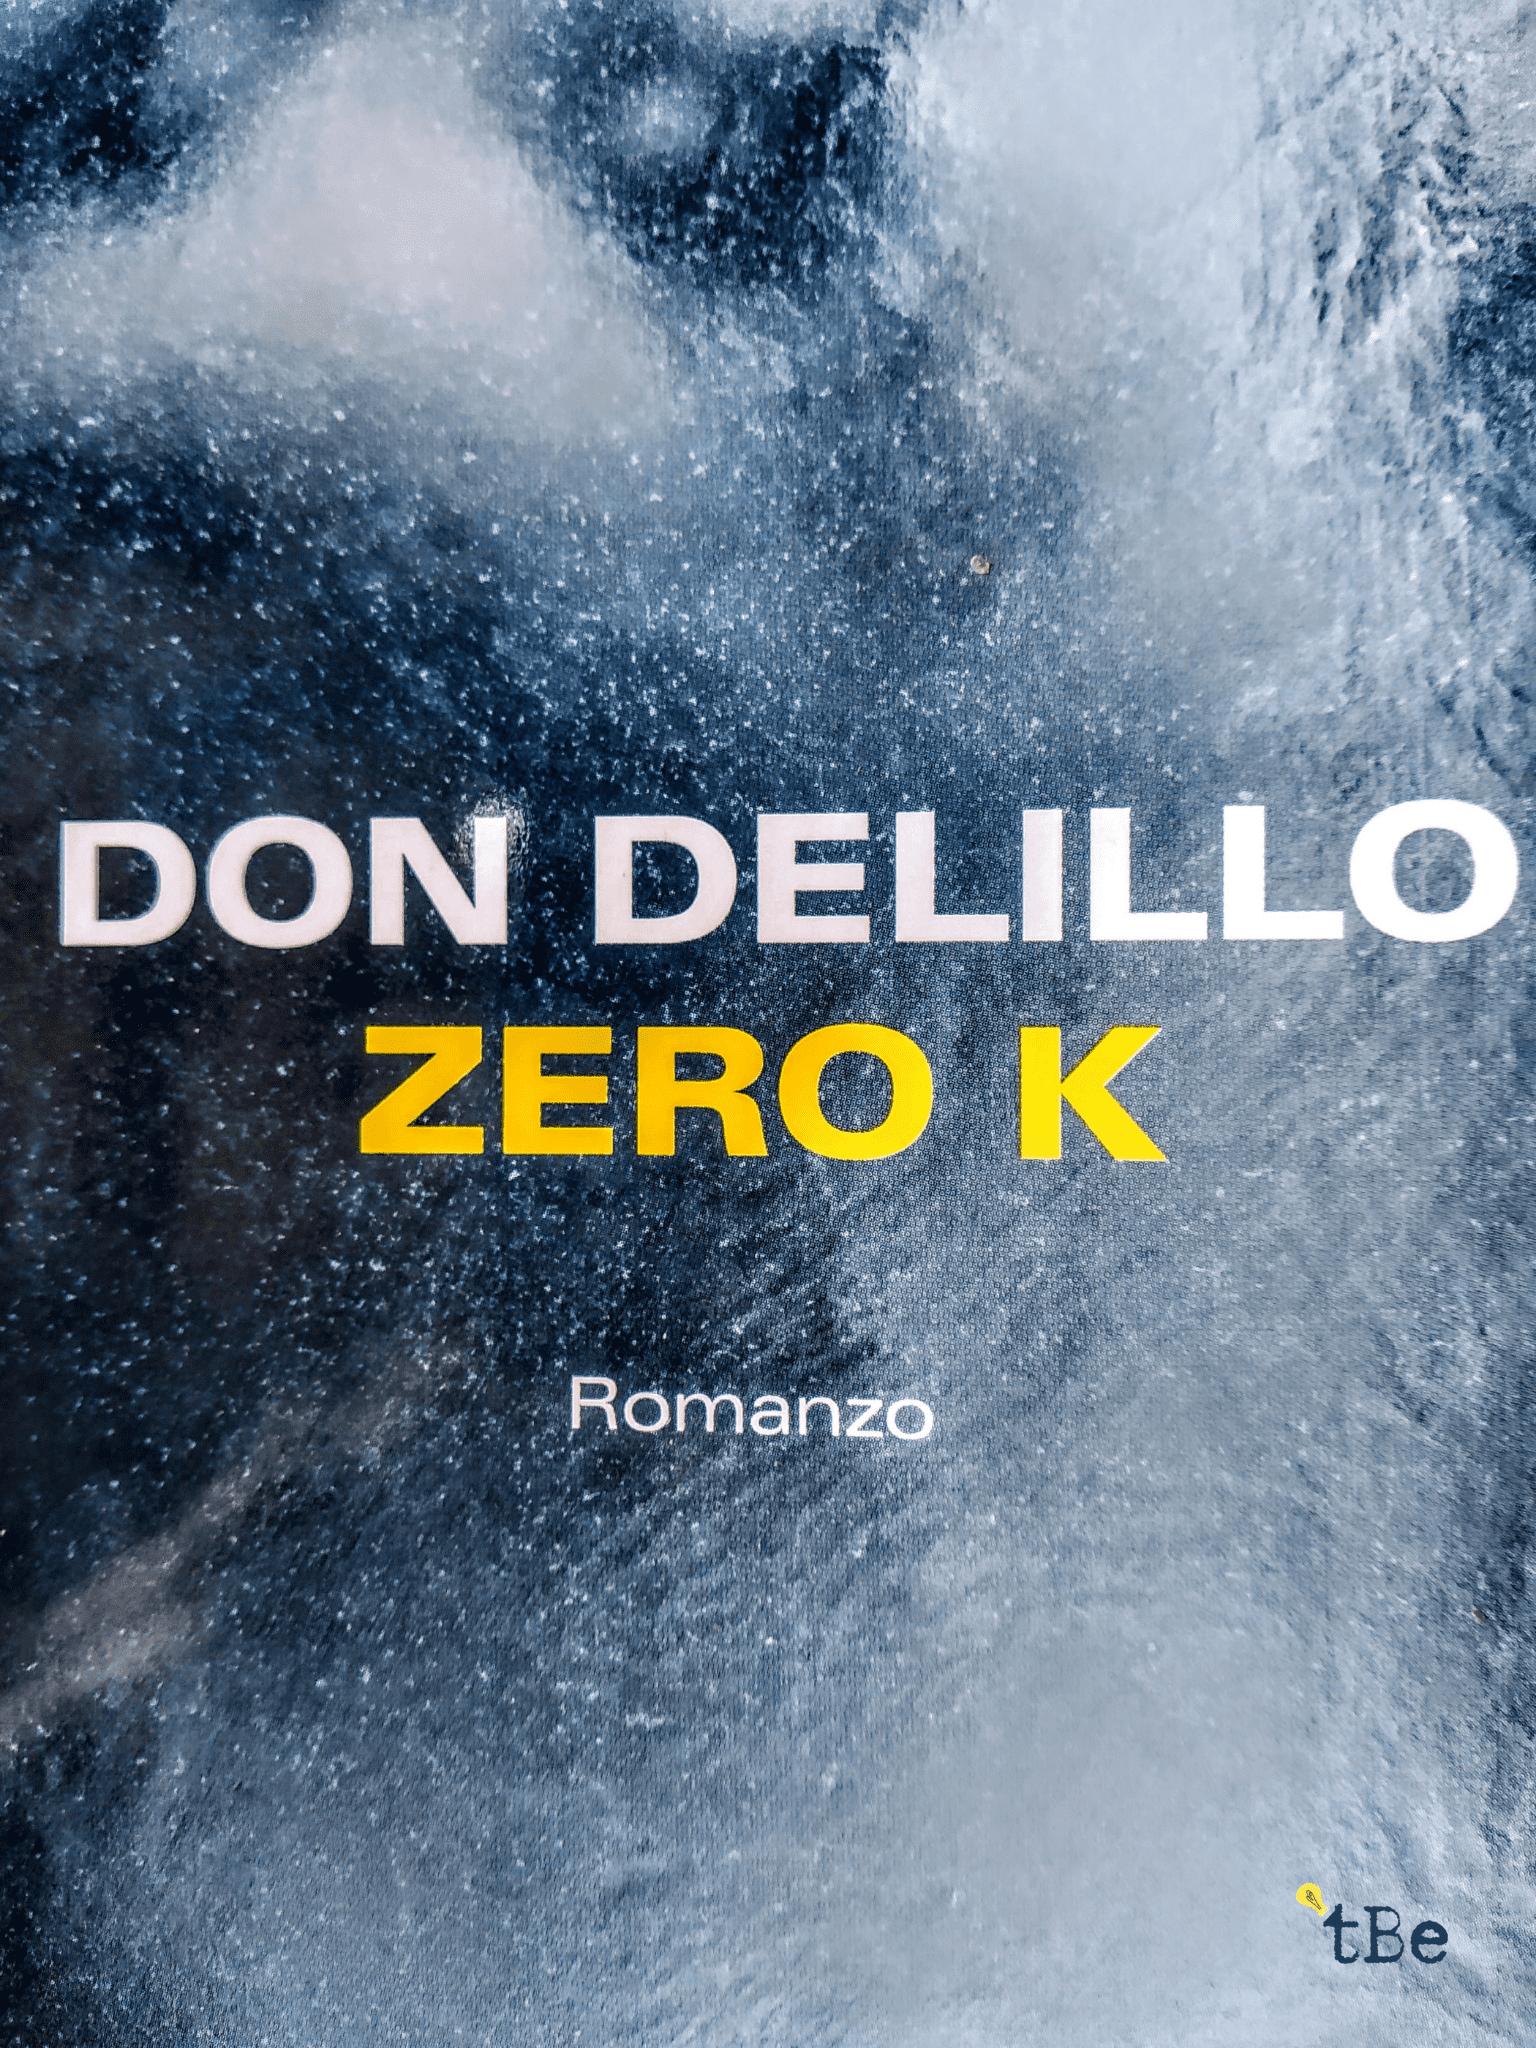 Don DeLillo Zero K immagine principale